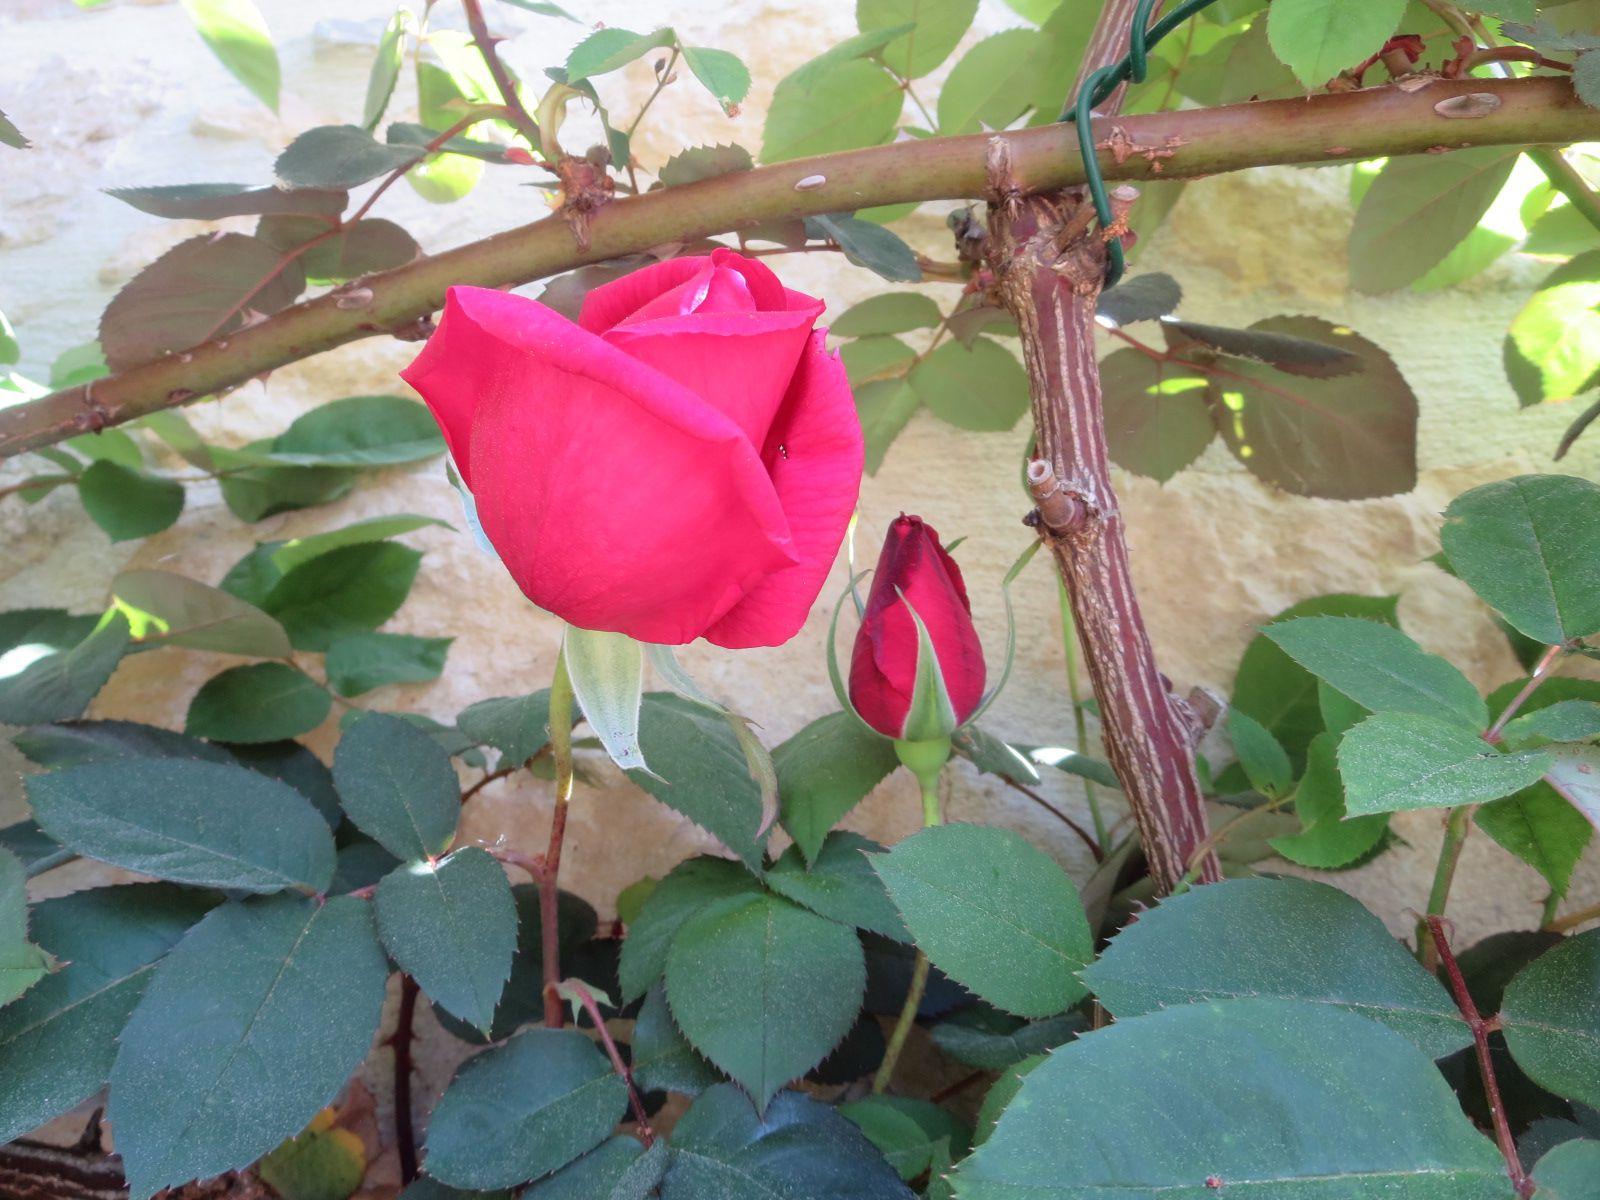 Premières roses: dès fin mars, celle de ma terrasse , la jaune, la plus hâtive...une de mes préférées! le buisson de Rugosa commence sa floraison et aujourd'hui rien que pour moi, Papa Meilland  m'offre le parfum formidable de sa première rose pour ce 13 avril, ((( jour festif bien à moi )))